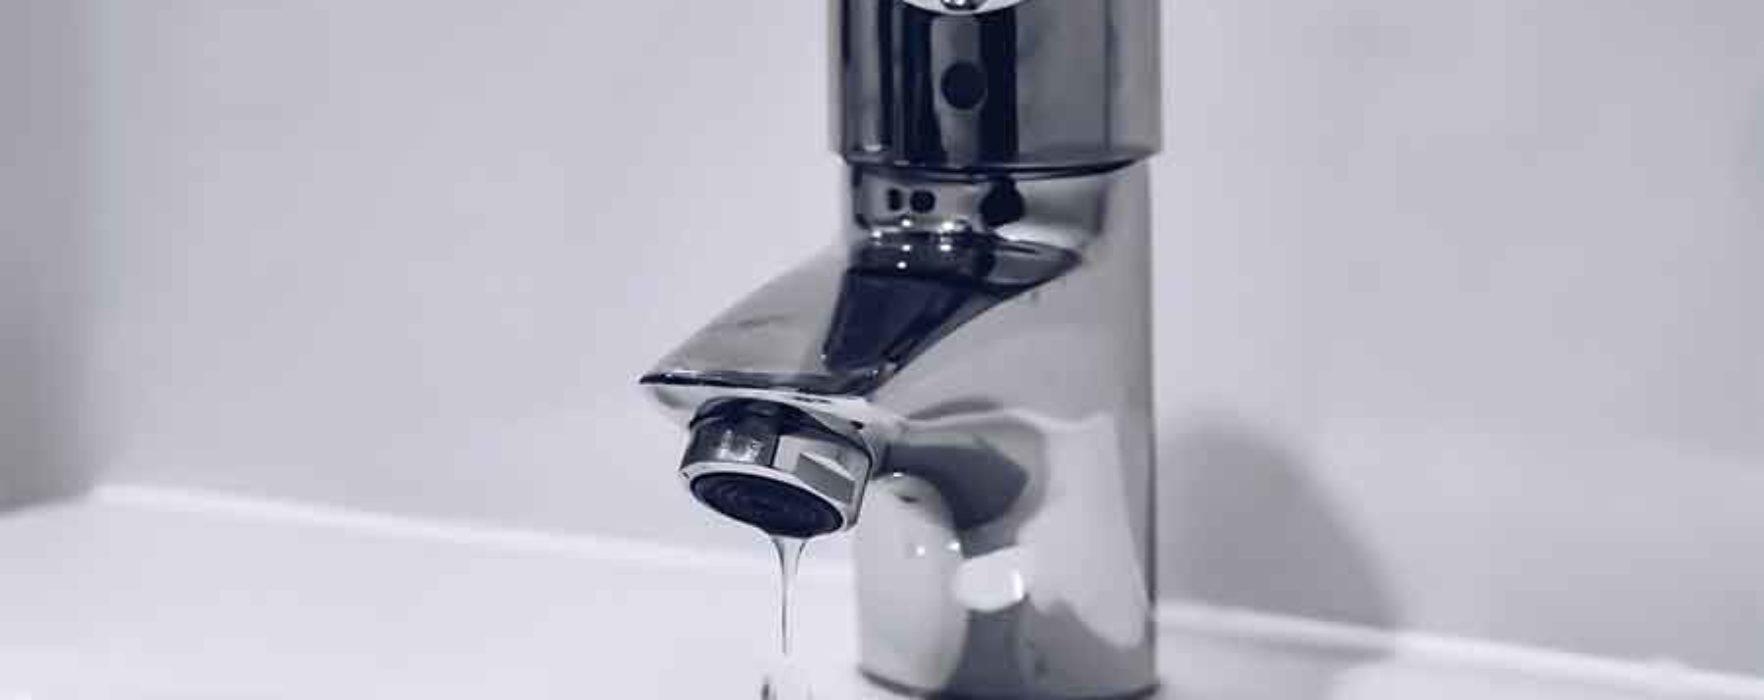 CATD: Furnizarea apei va fi oprită pe 27.02.2020 în Lucieni, Raciu şi Ulmi